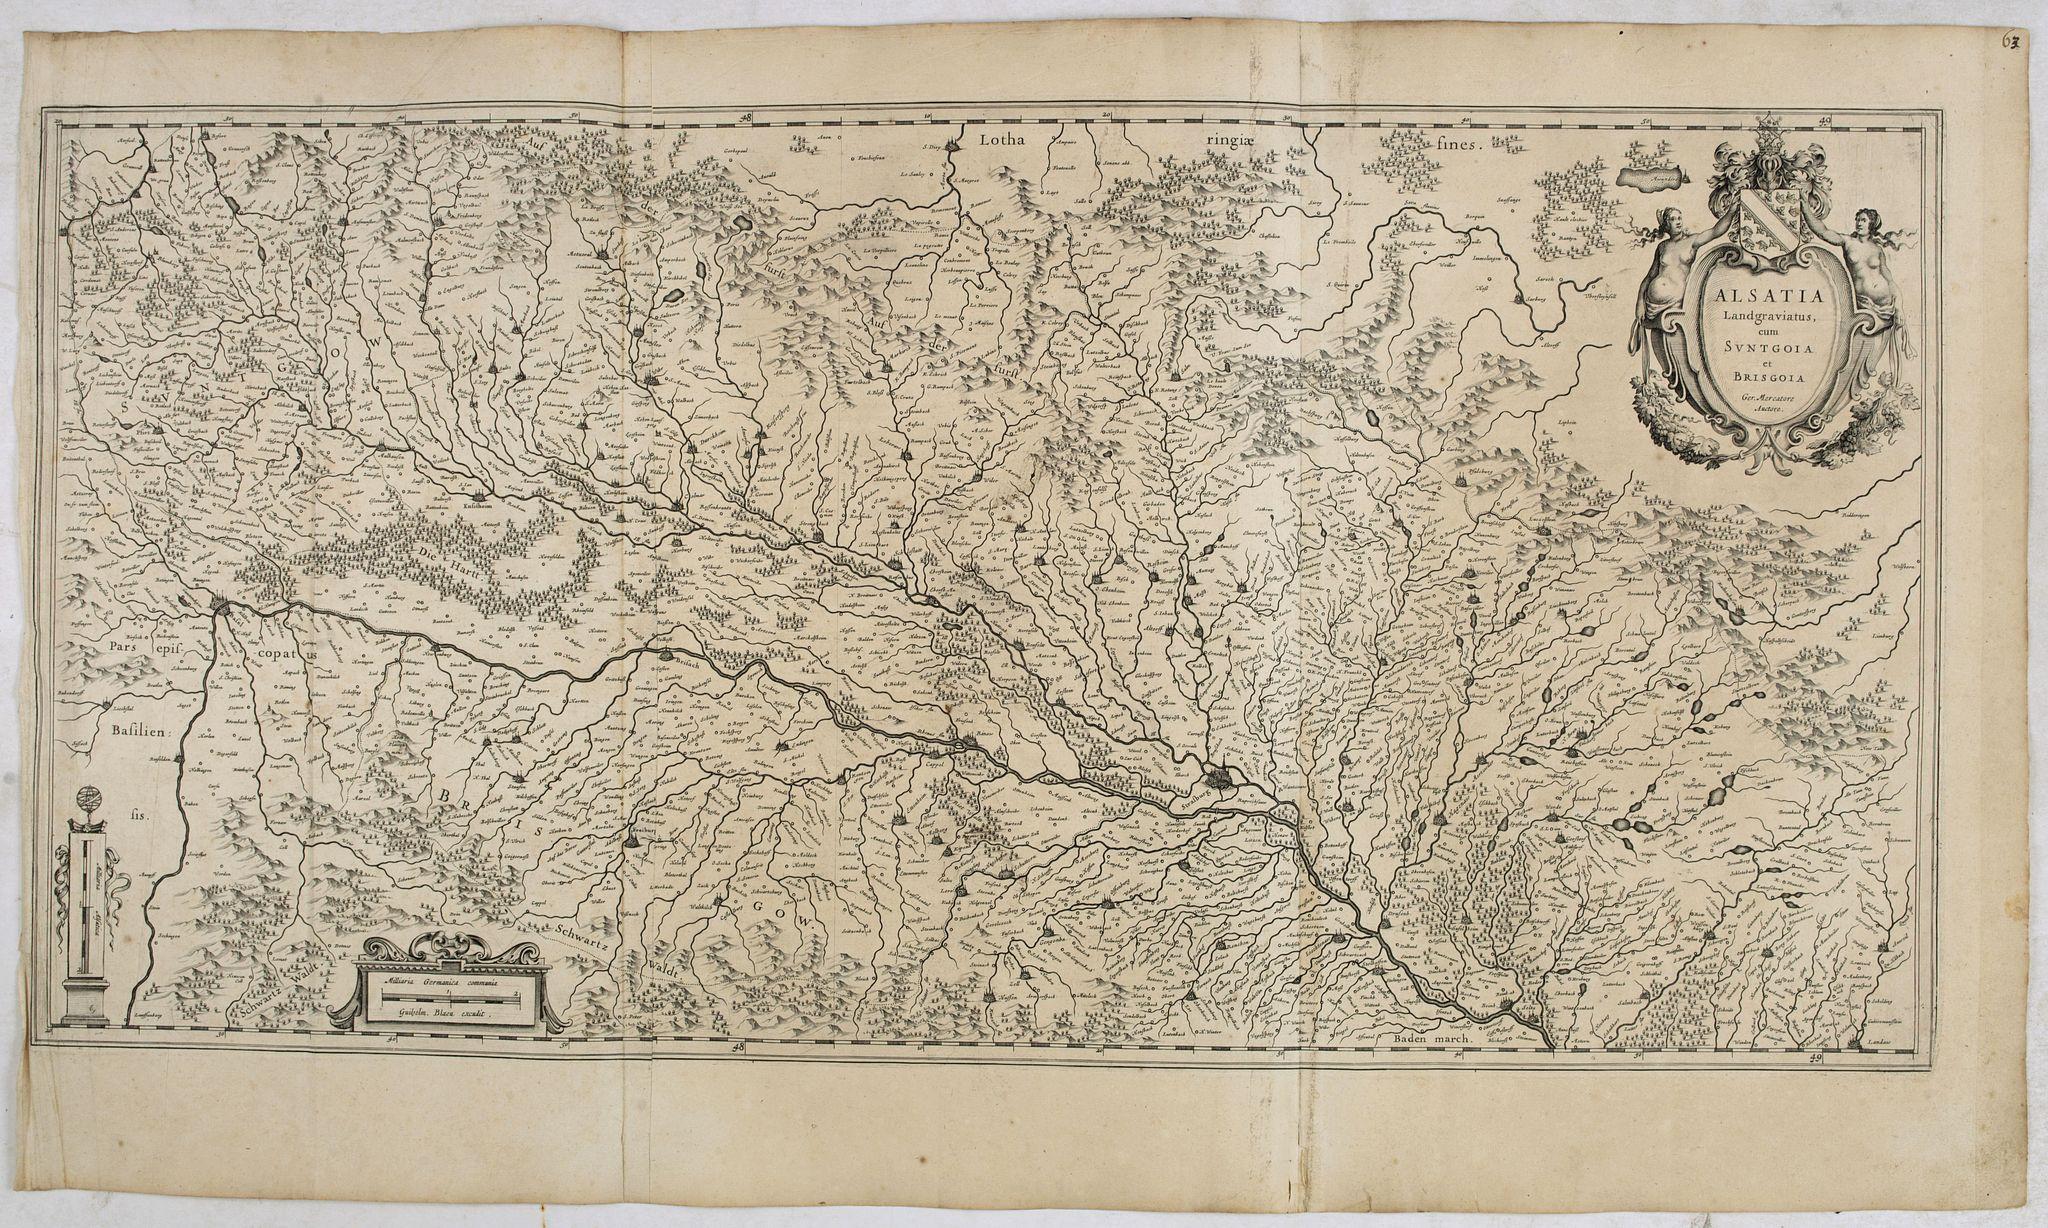 BLAEU, W. -  Alsatia landgraviatus, cum Suntgoia et Brisgoia,. . .